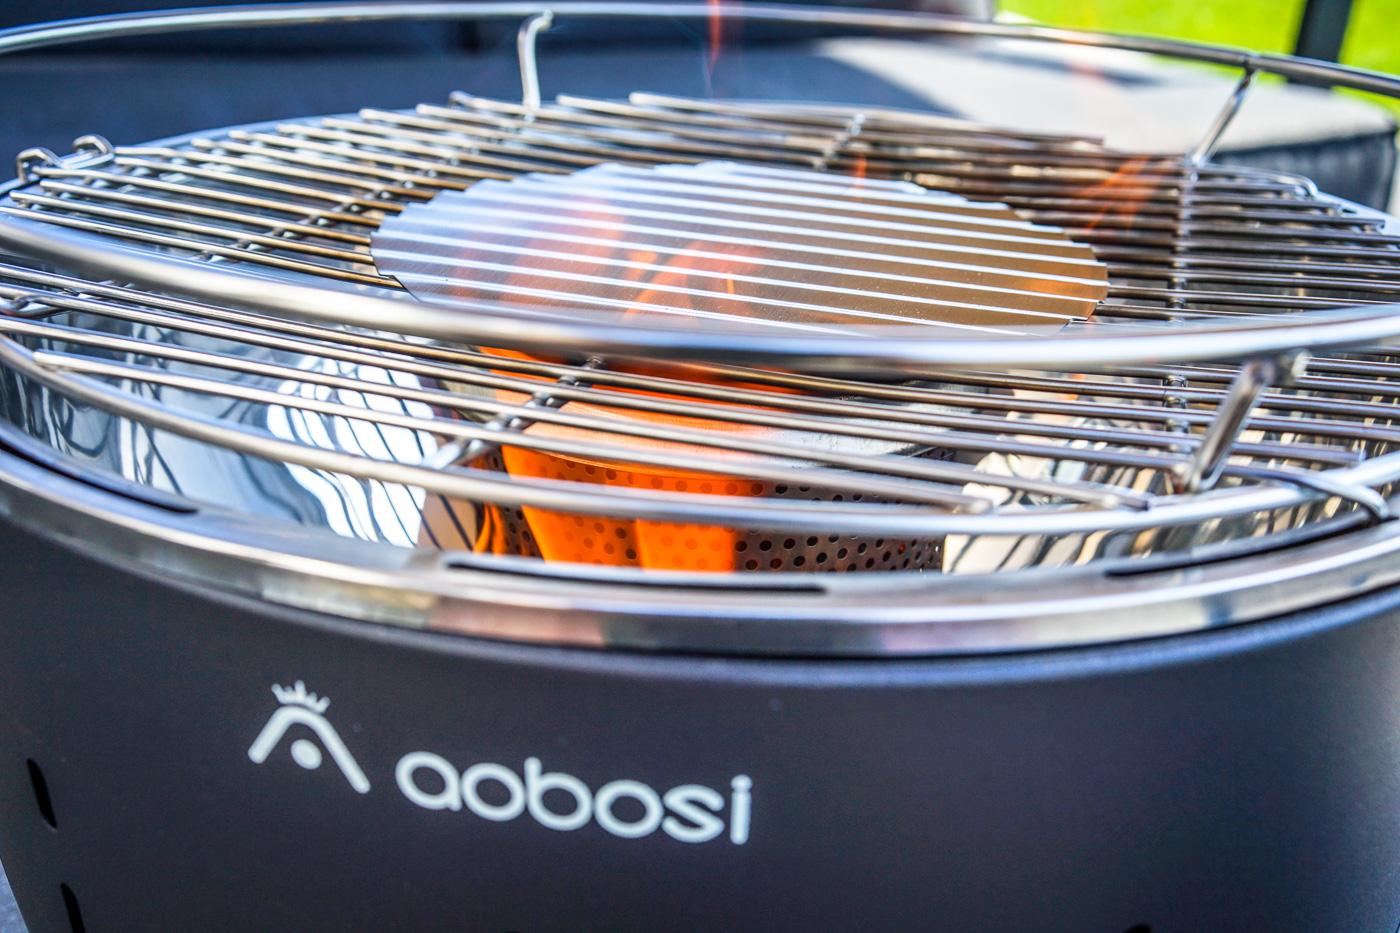 Rauchfreier Holzkohlegrill Test : Grillzeit wir testen den aobosi holzkohle tischgrill